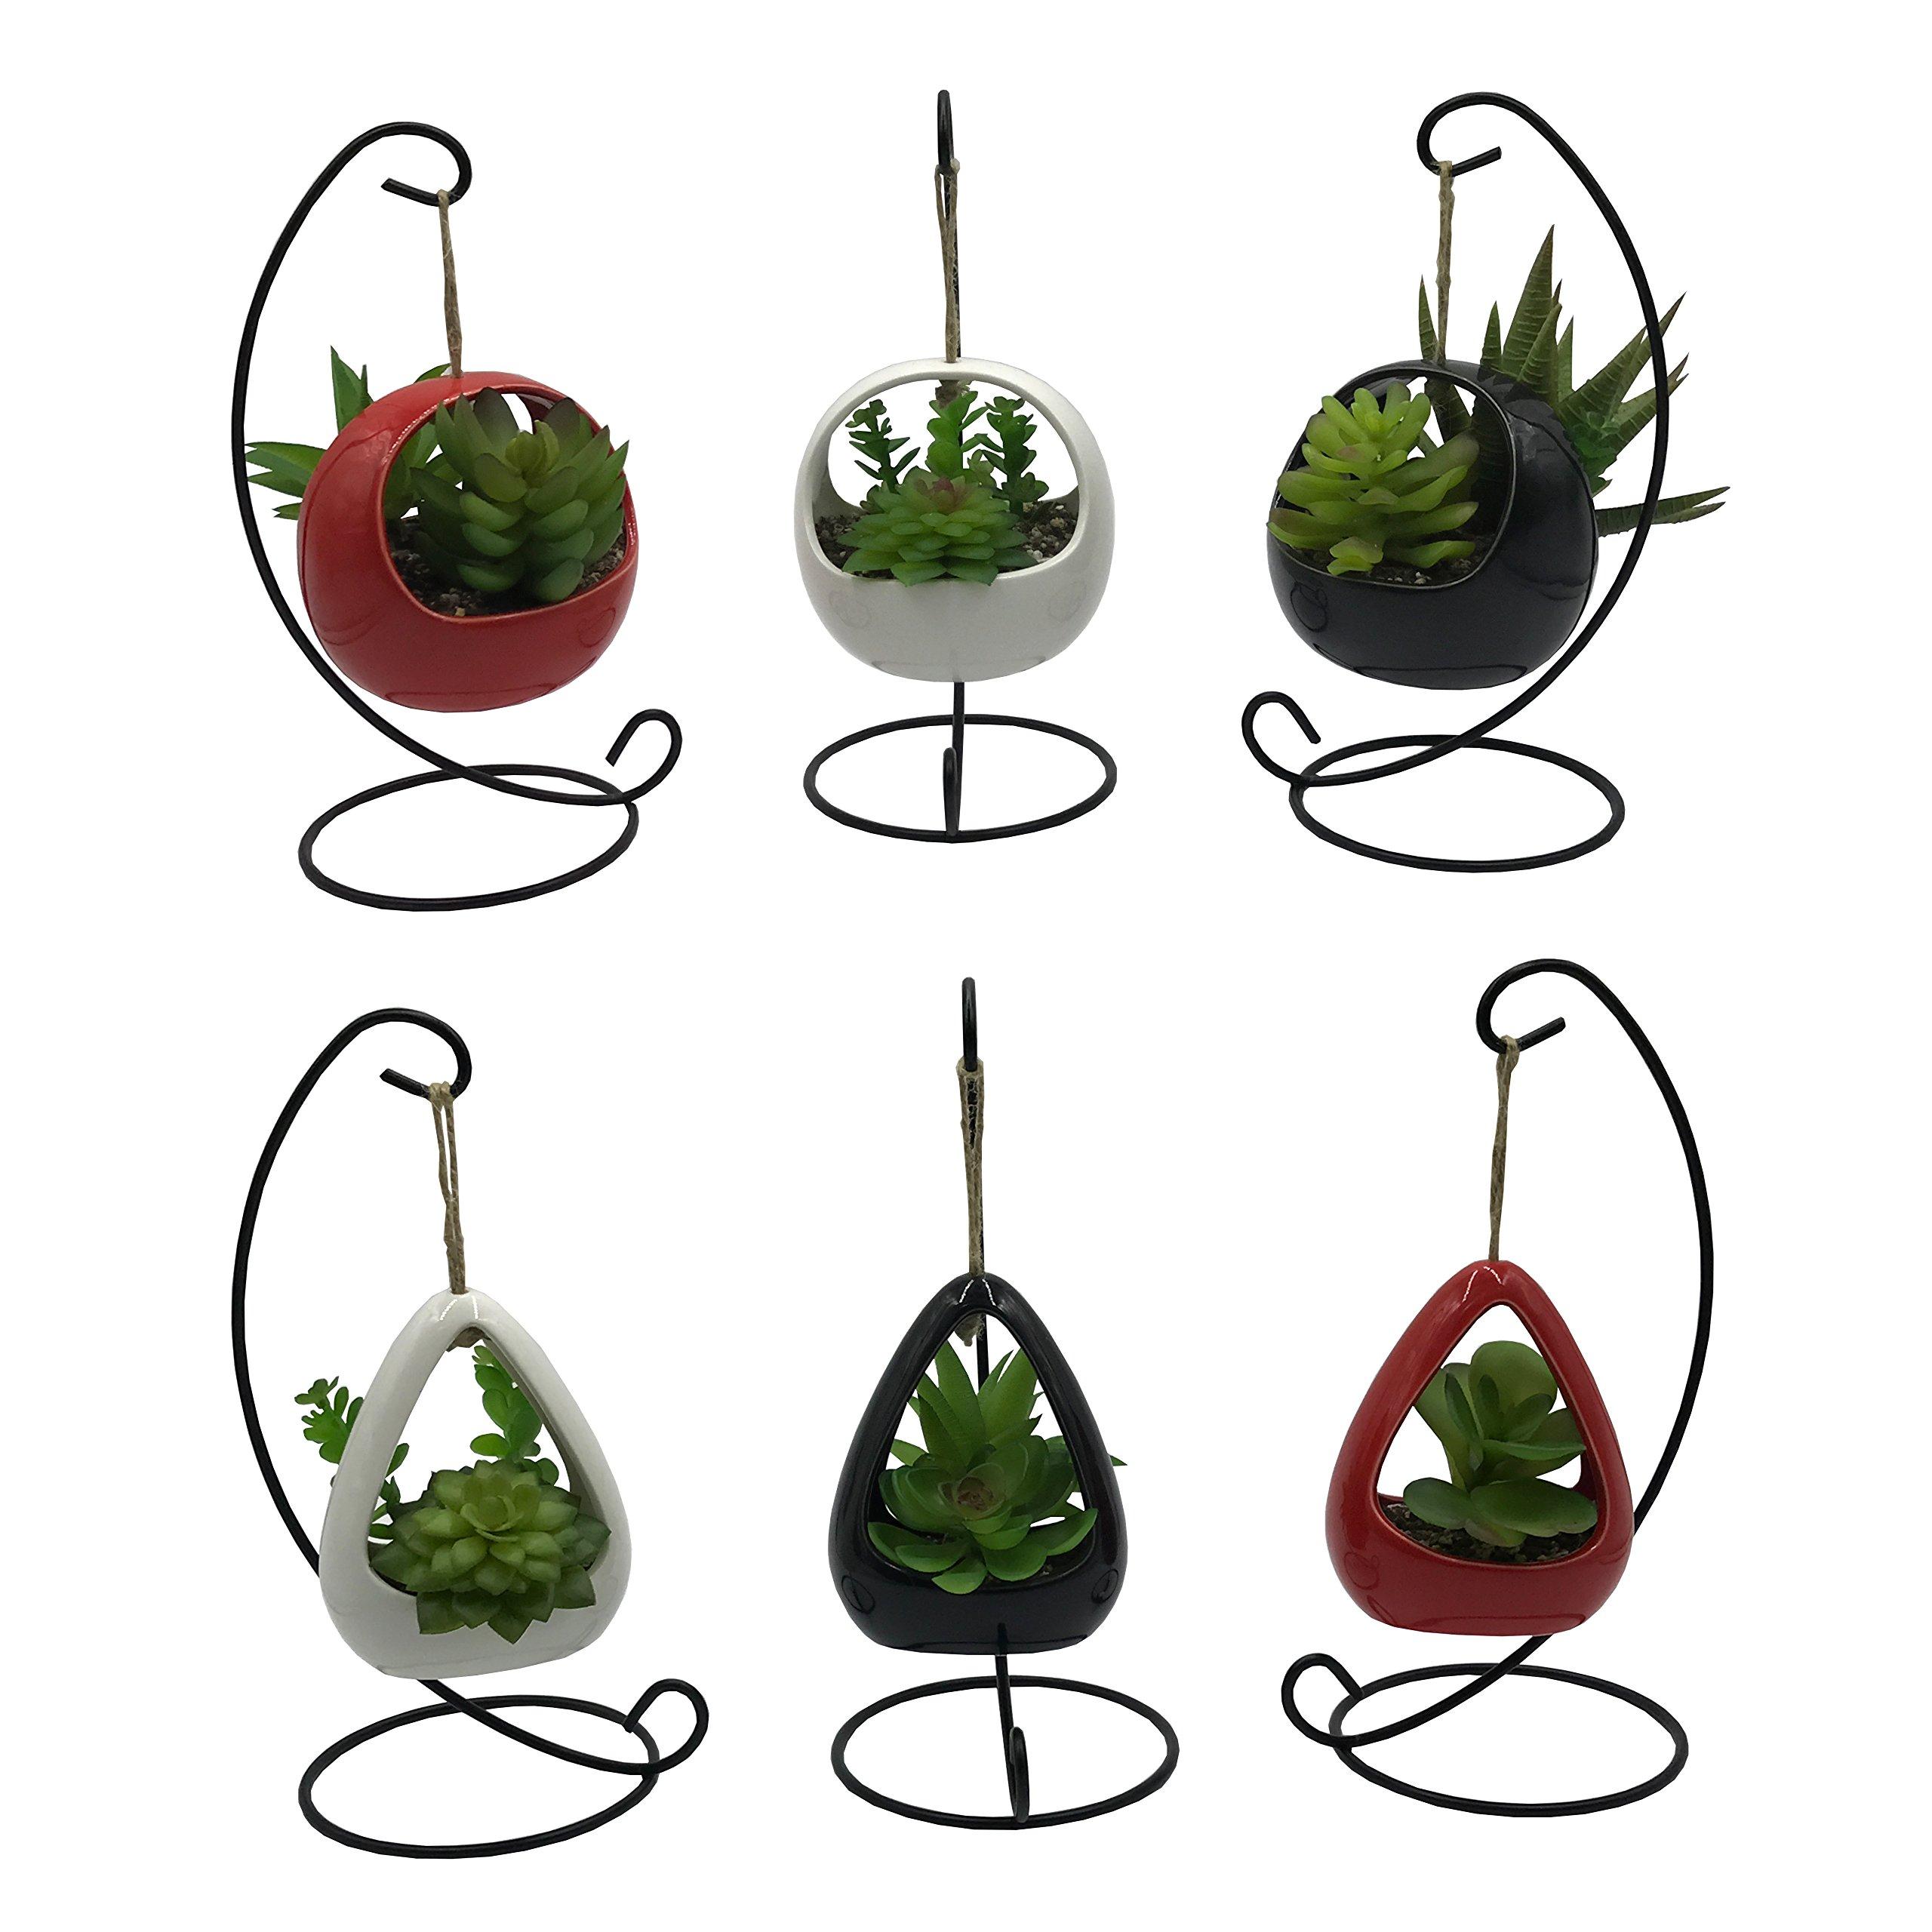 6 PCS Set Cute Coloful Ceramic Succulent Cactus Flower Pot Hanging Planter for Home Garden Office Desktop Decoration (Plants Not Included)